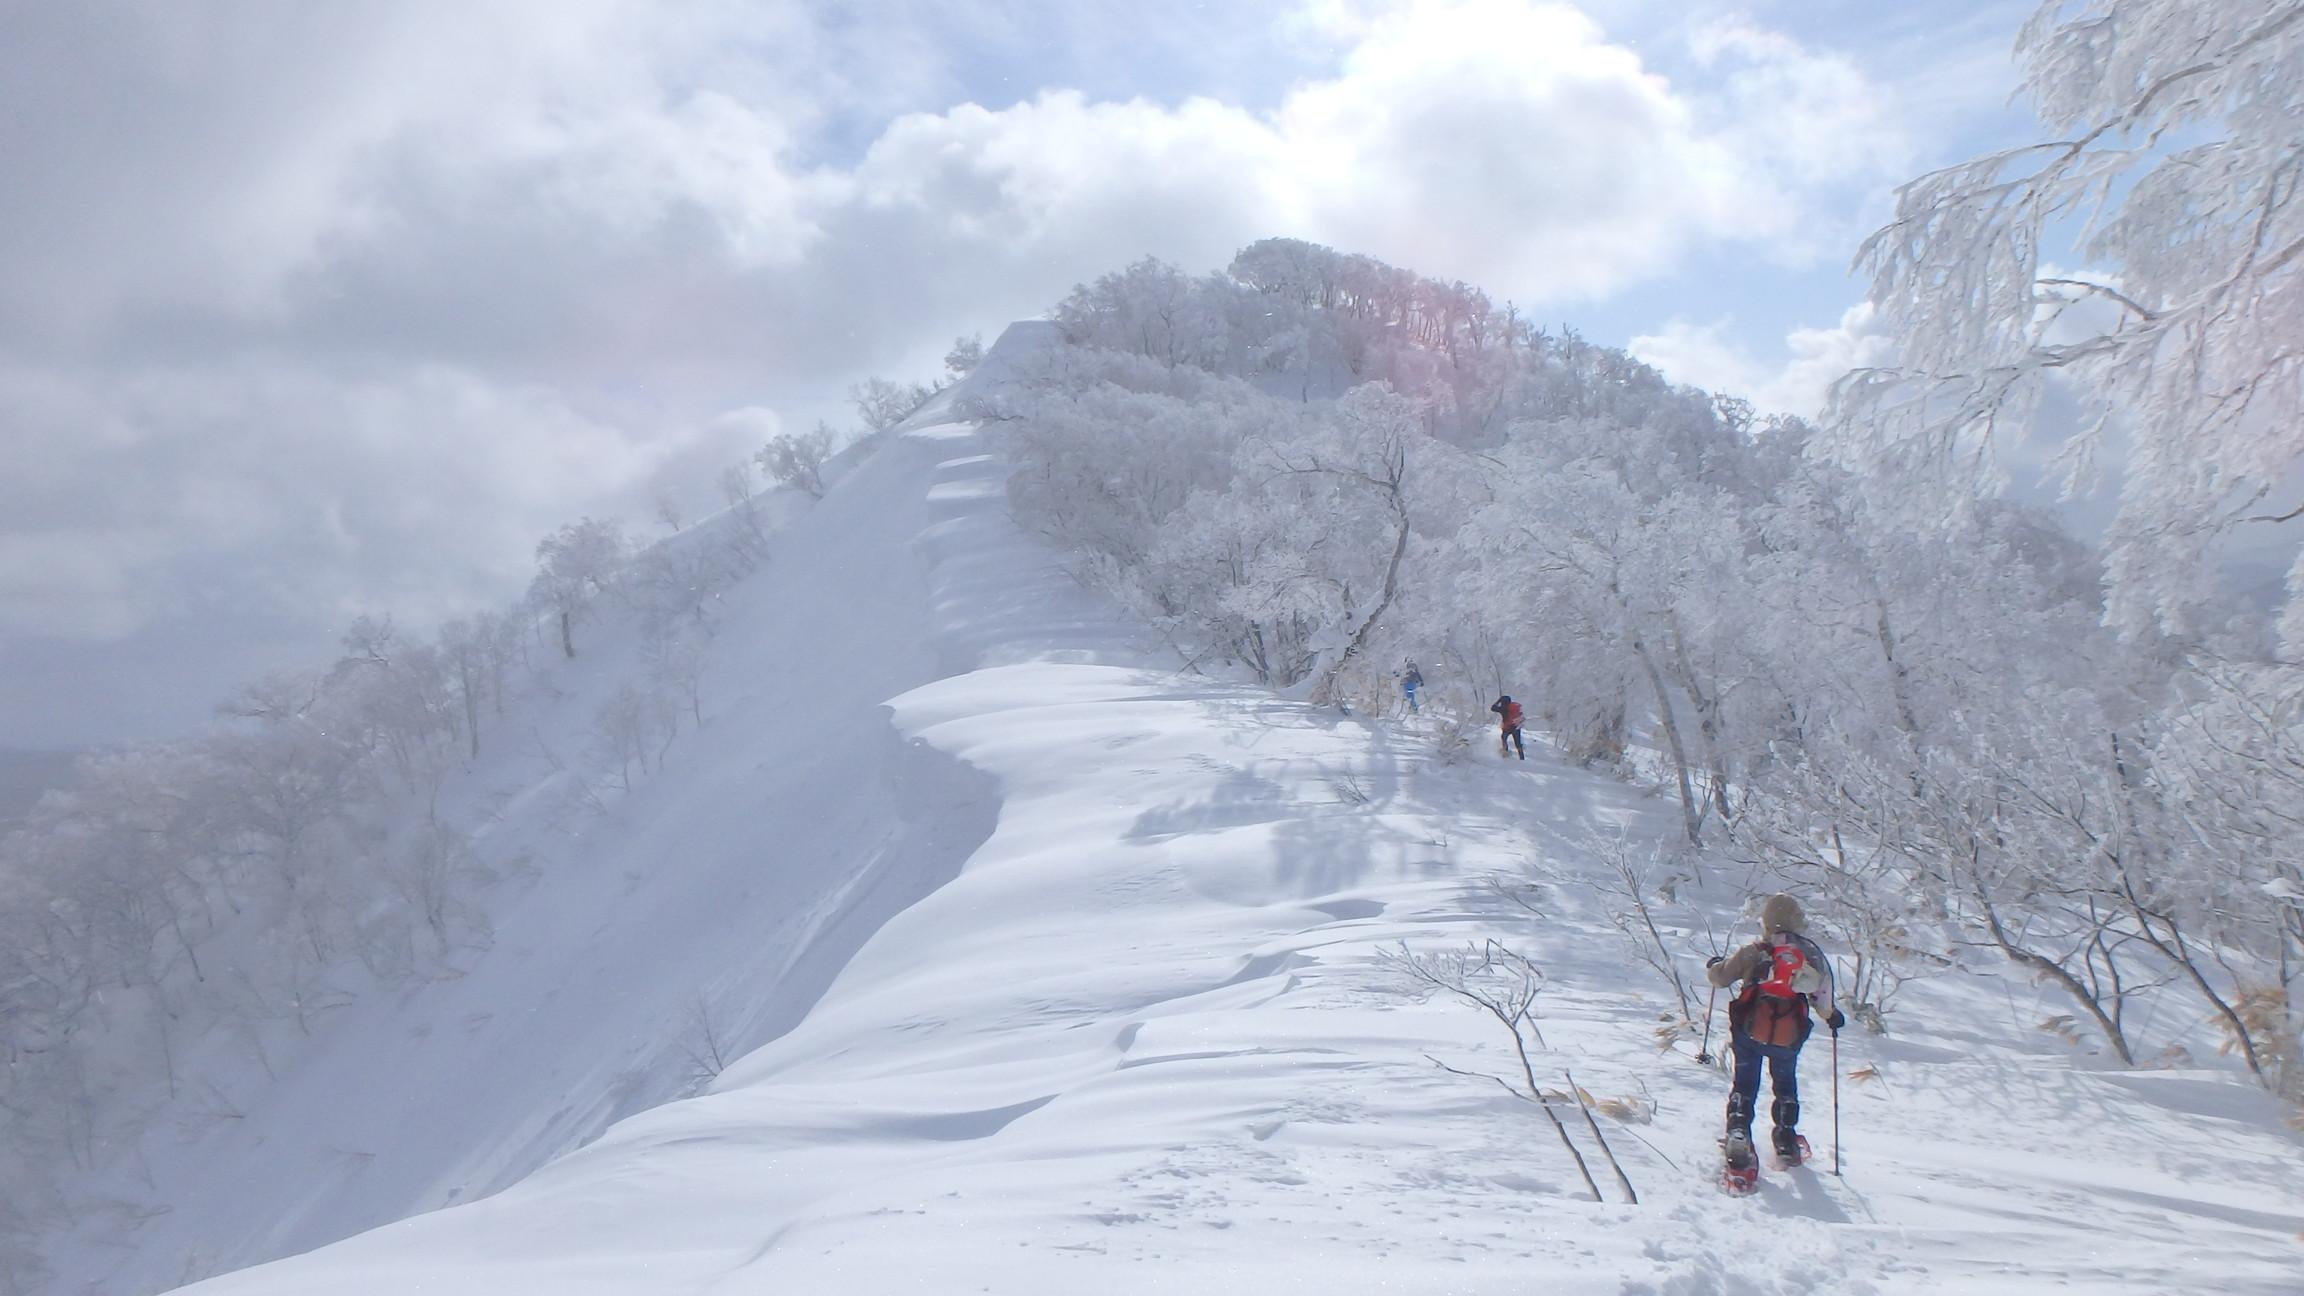 白老岳と白老岳、2019.2.9ー同行者からの写真ー_f0138096_13493957.jpg